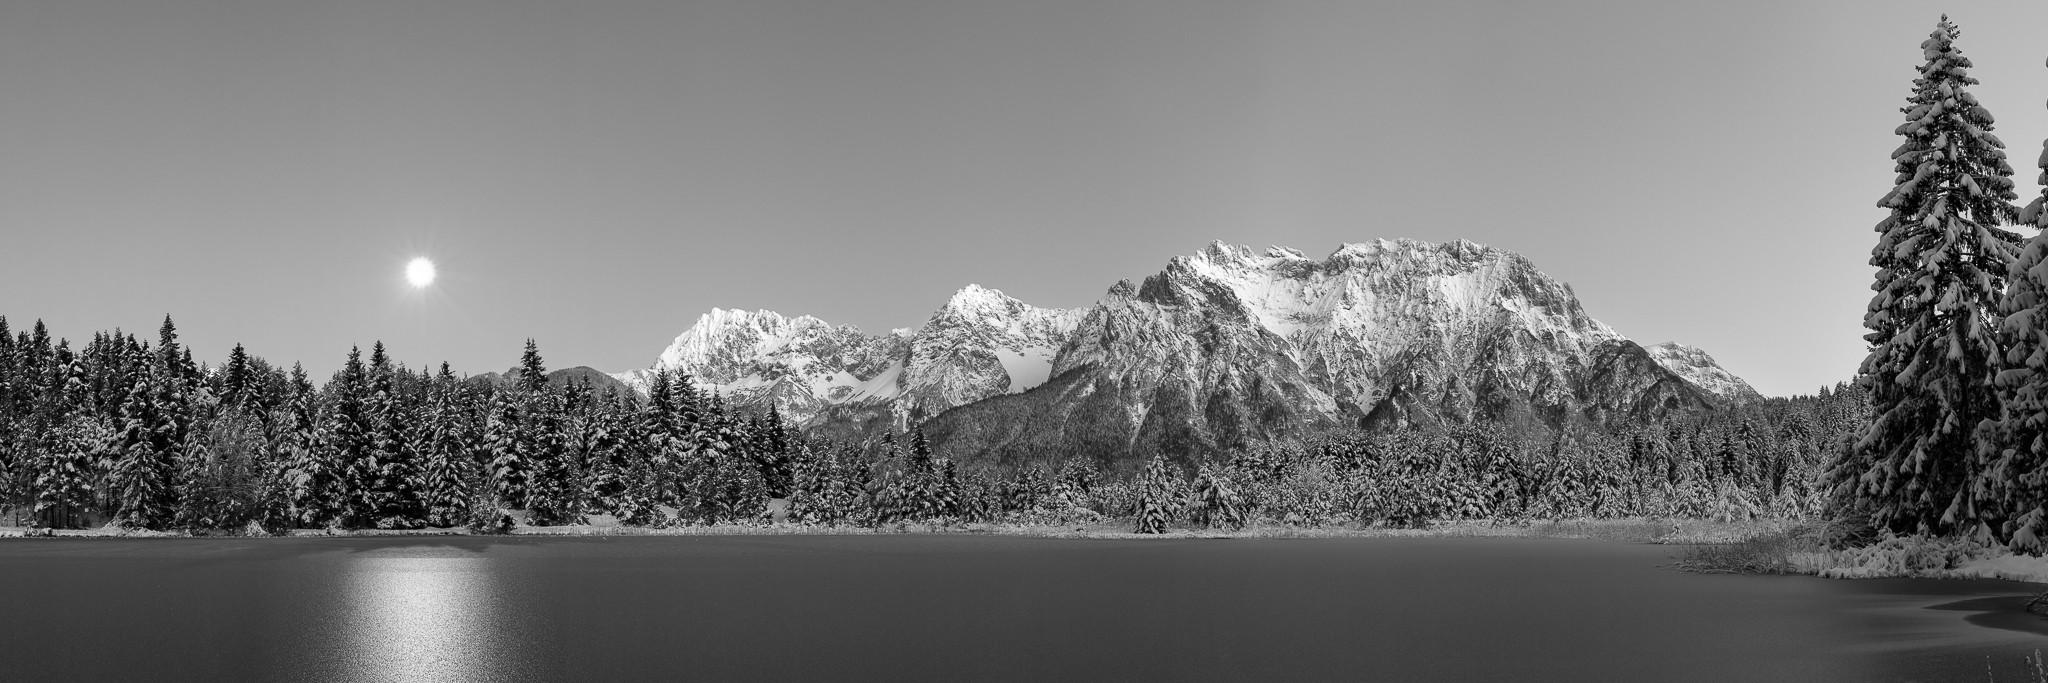 Mondaufgang - Winterabend am Luttensee - schwarz weiß